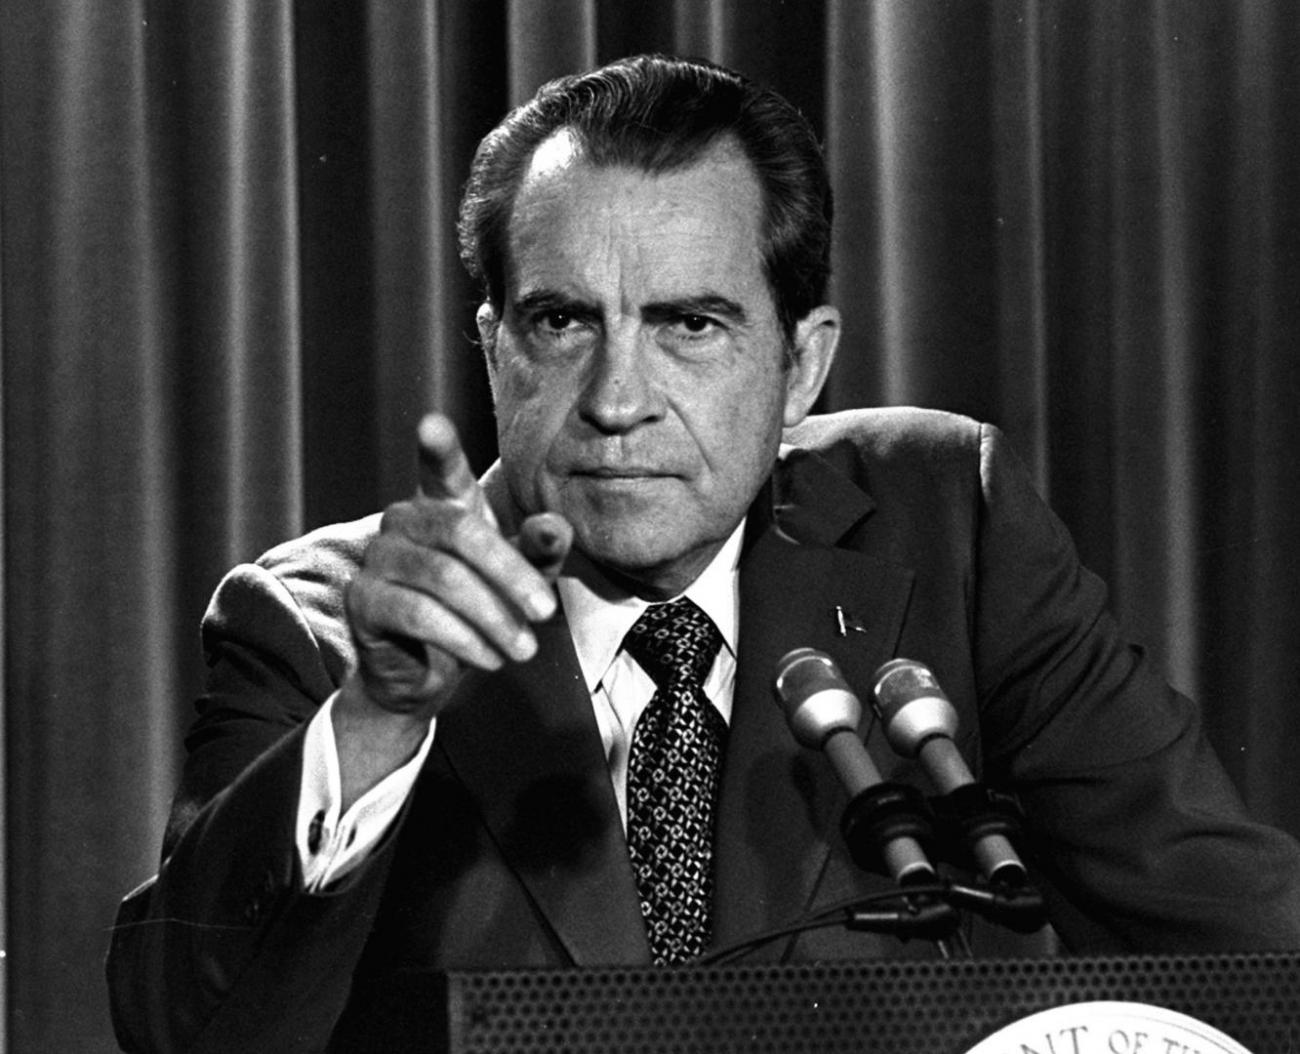 37. prezident USA RIchard Nixon je dodnes jediným americkým prezidentem, který na svou funkci dobrovolně rezignoval. Ačkoliv dobrovolně je možná silné slovo.